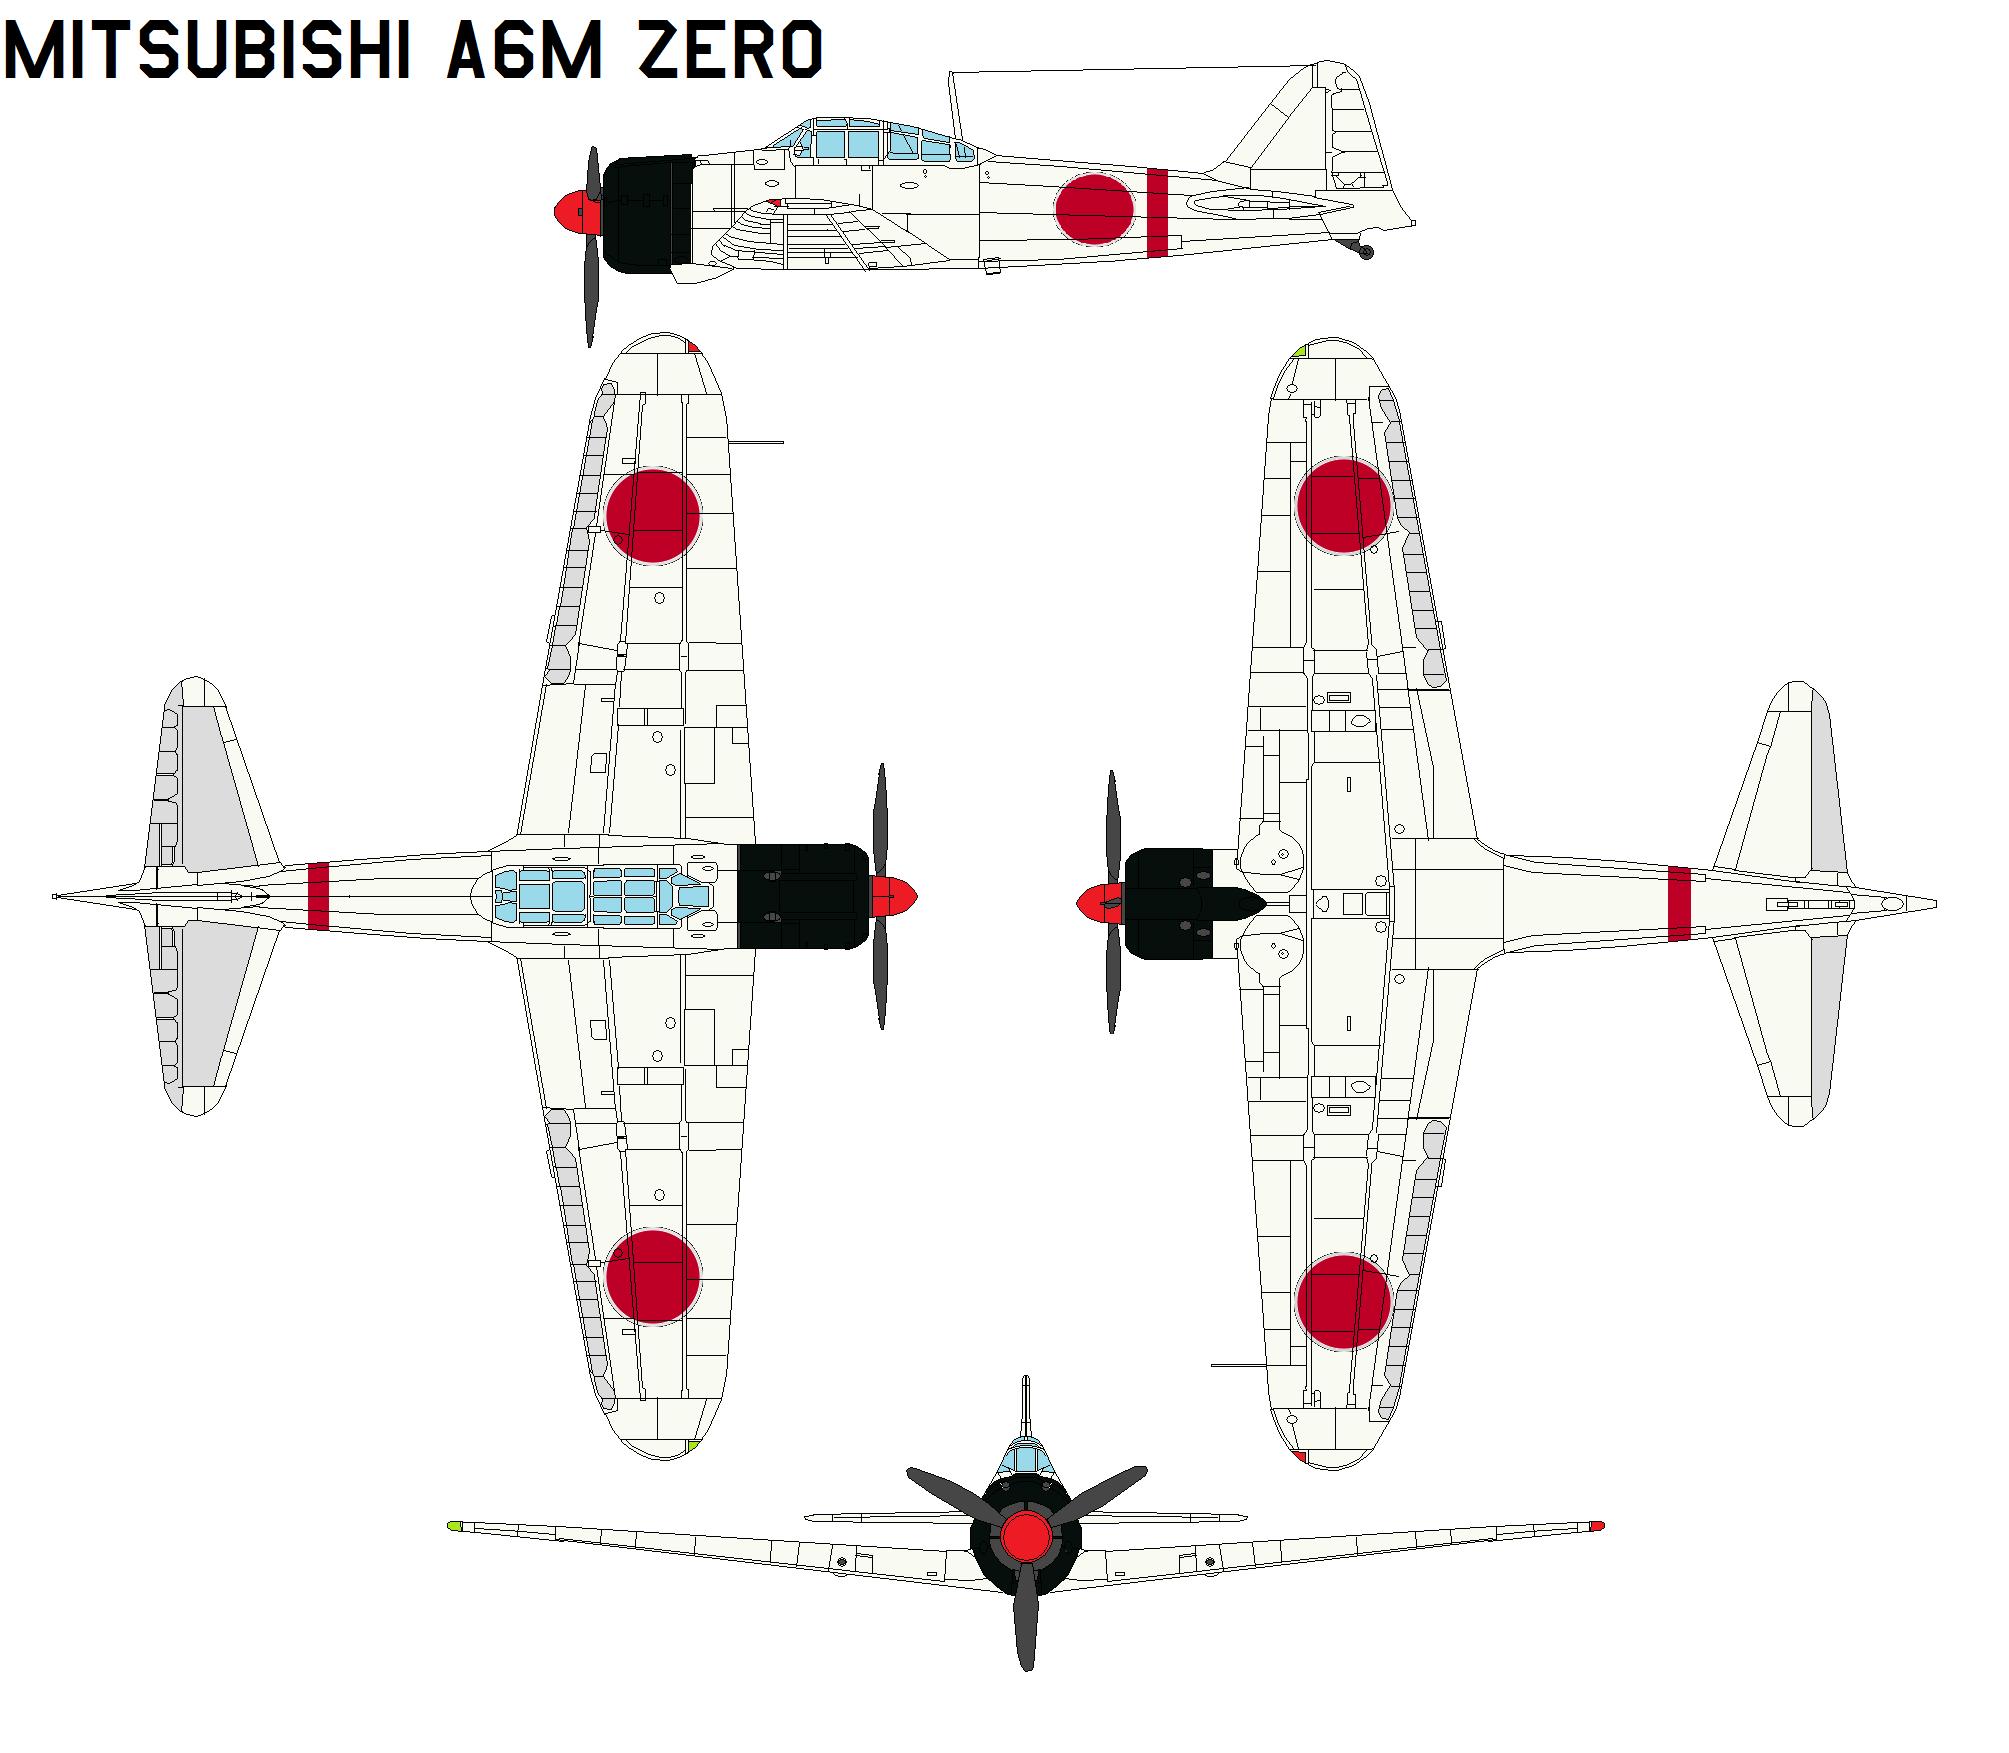 mitsubishi agm zero